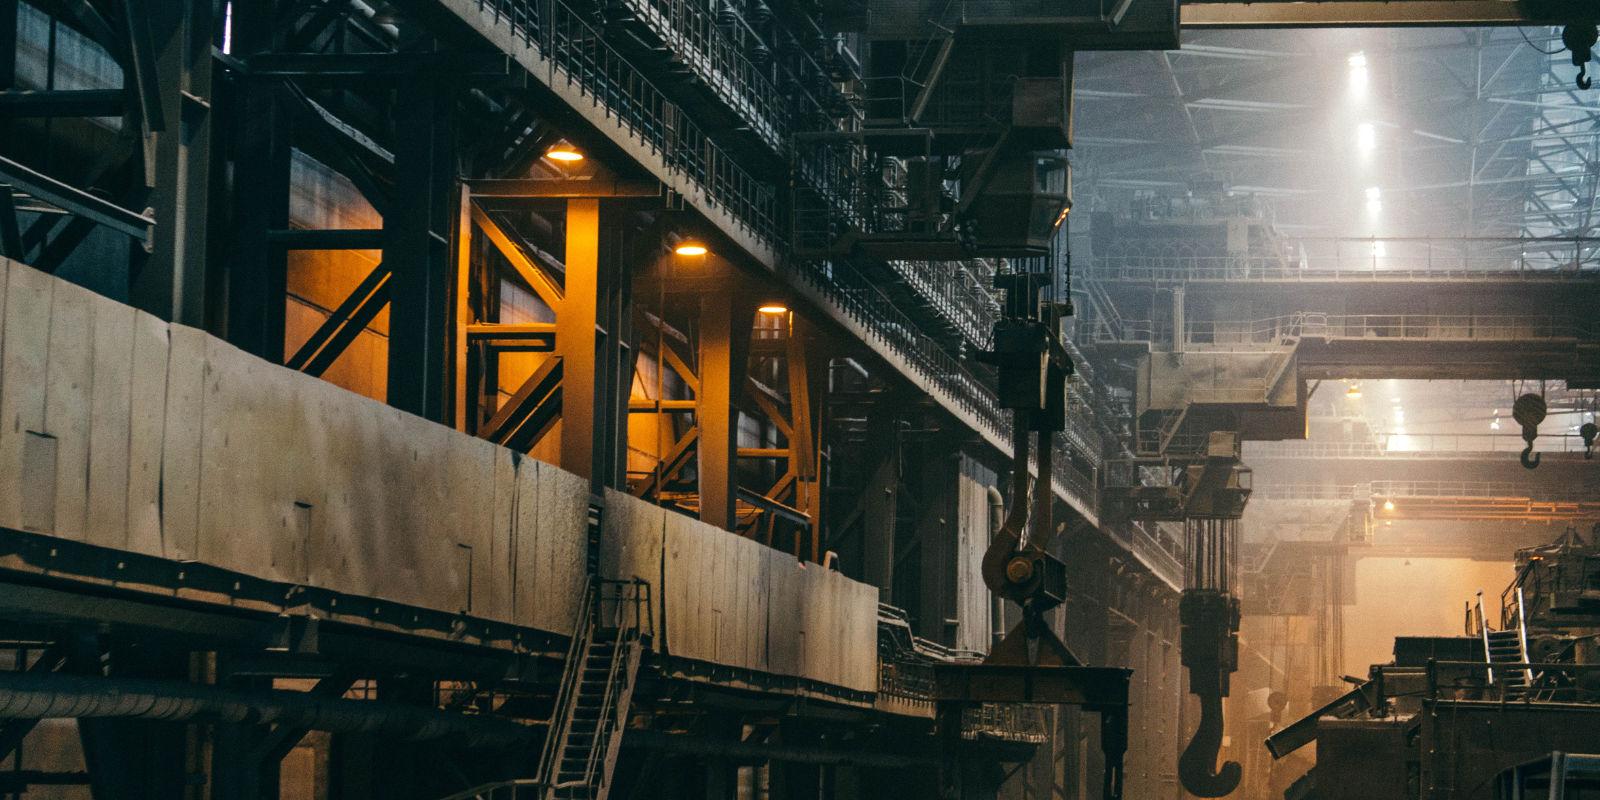 Industrie im hamburger Hafen